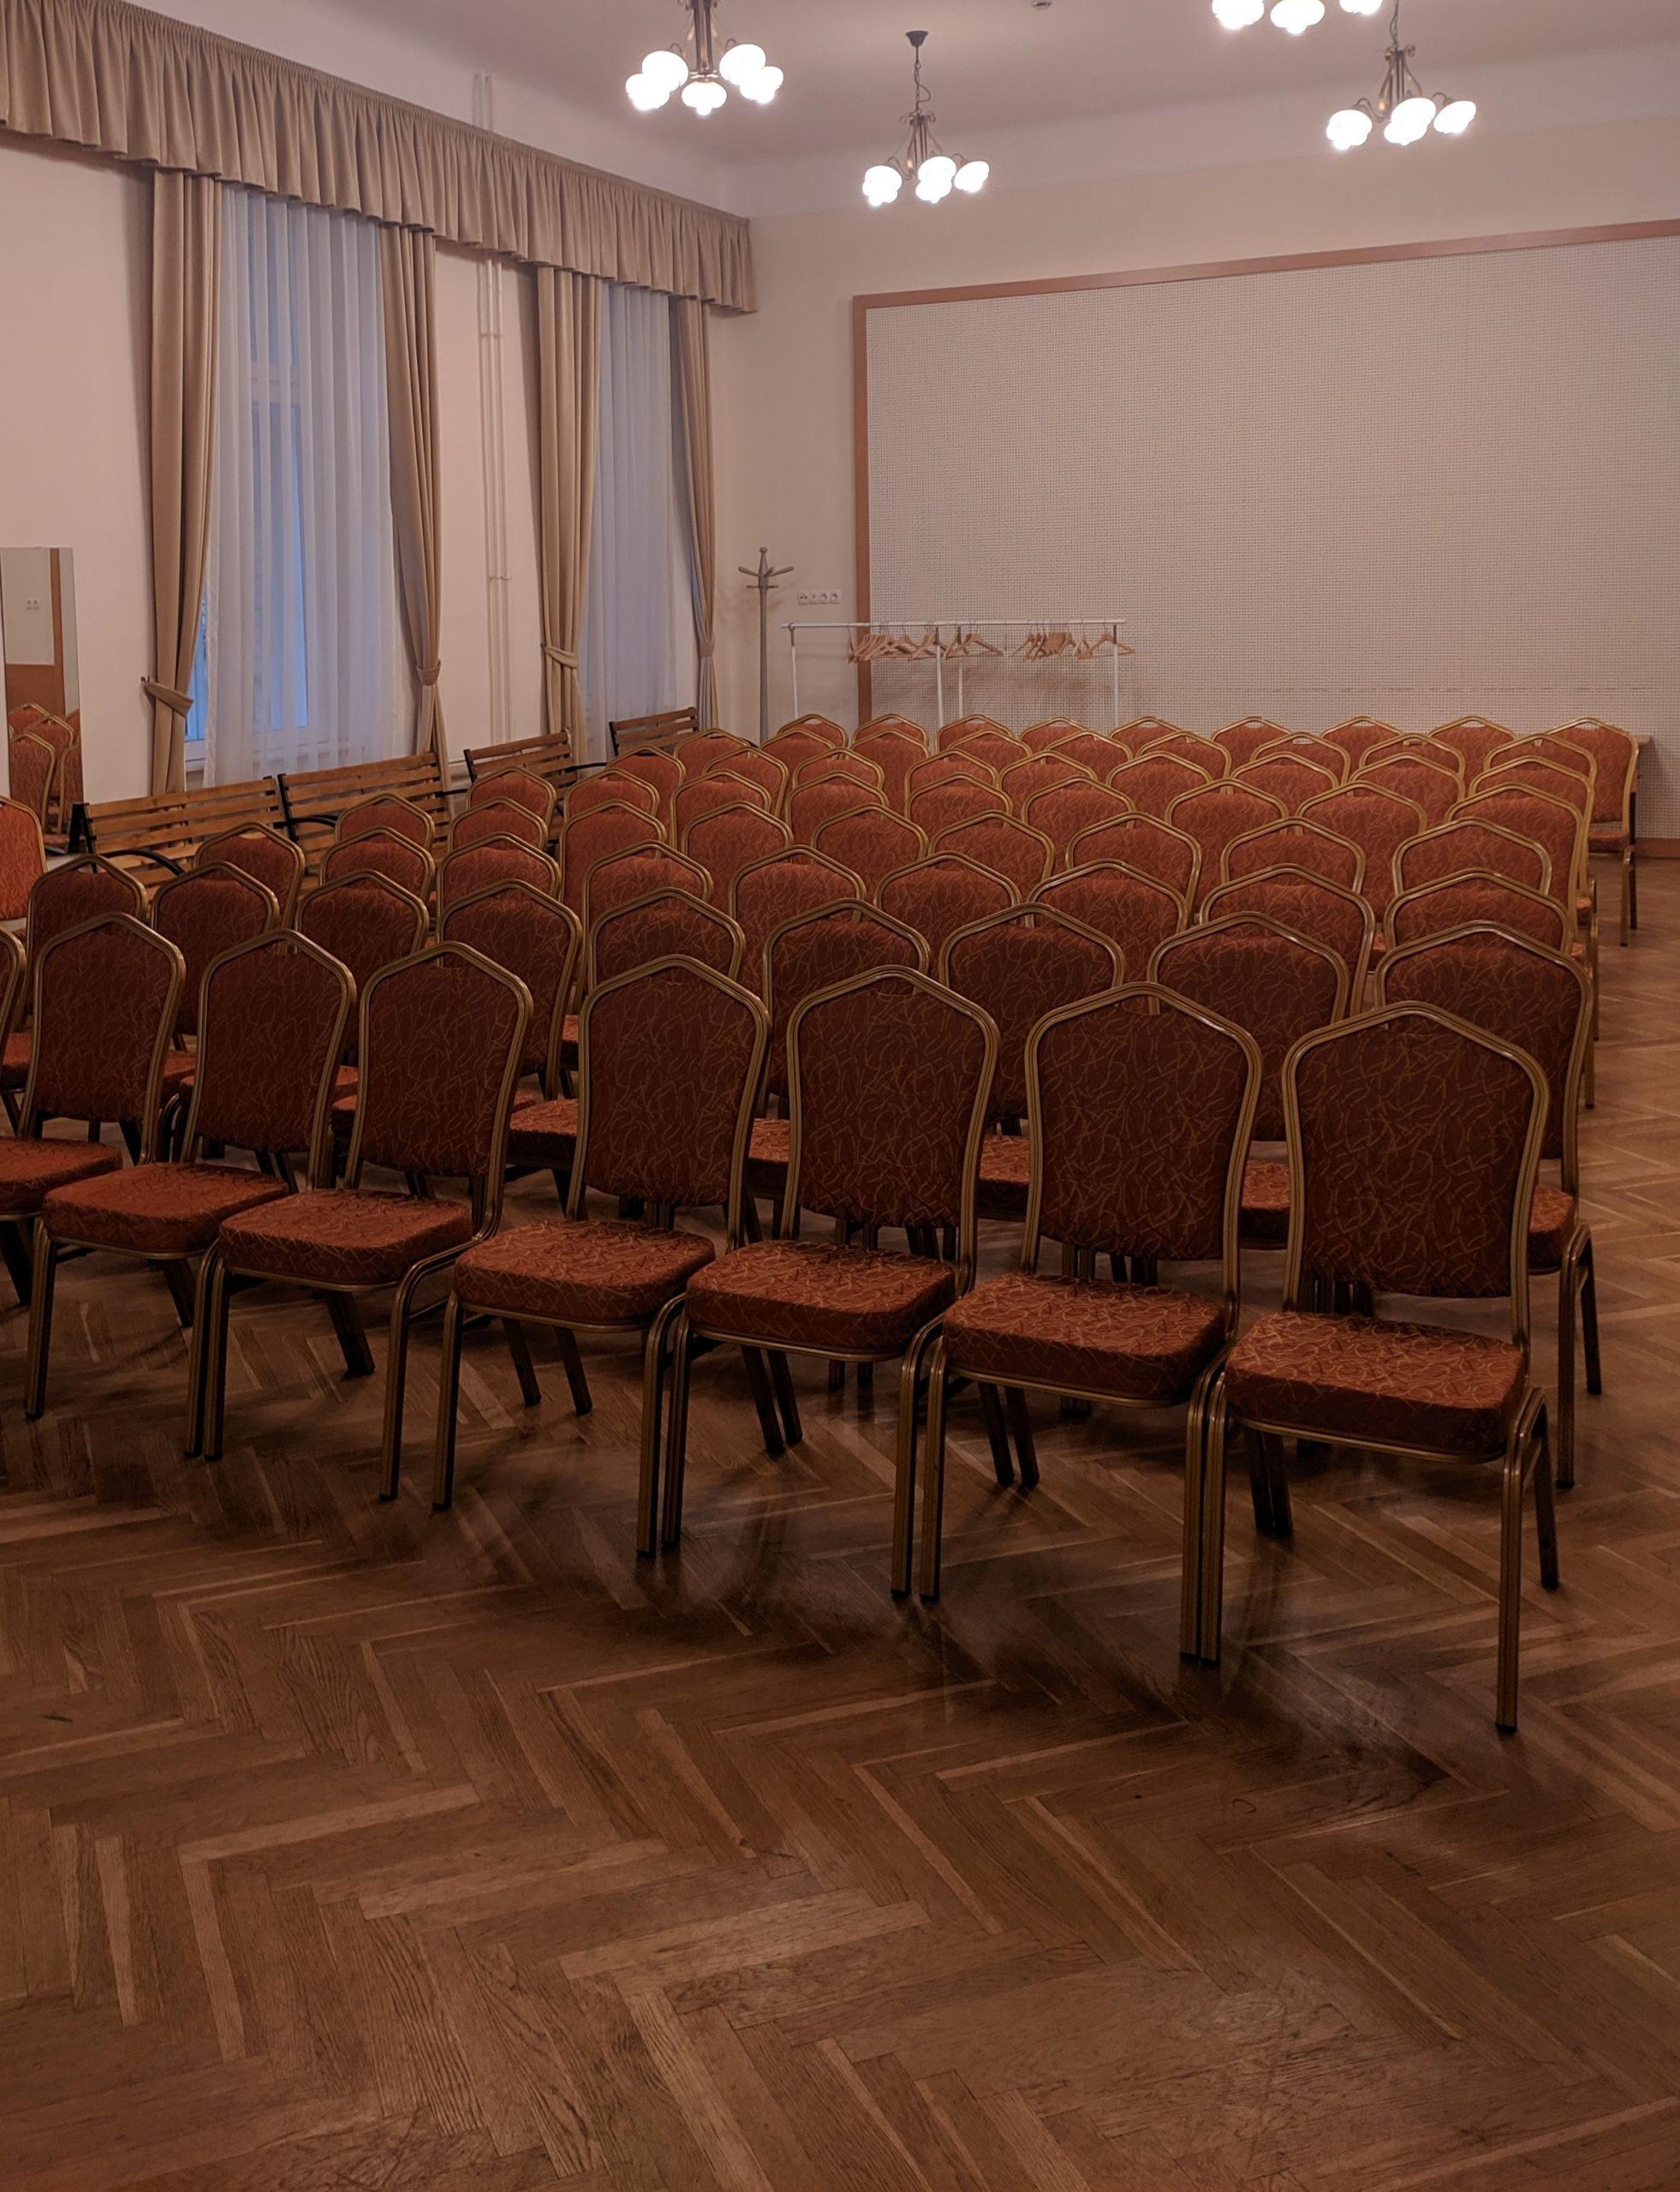 Tájékoztató a Molnár Antal Zeneiskola további működéséről